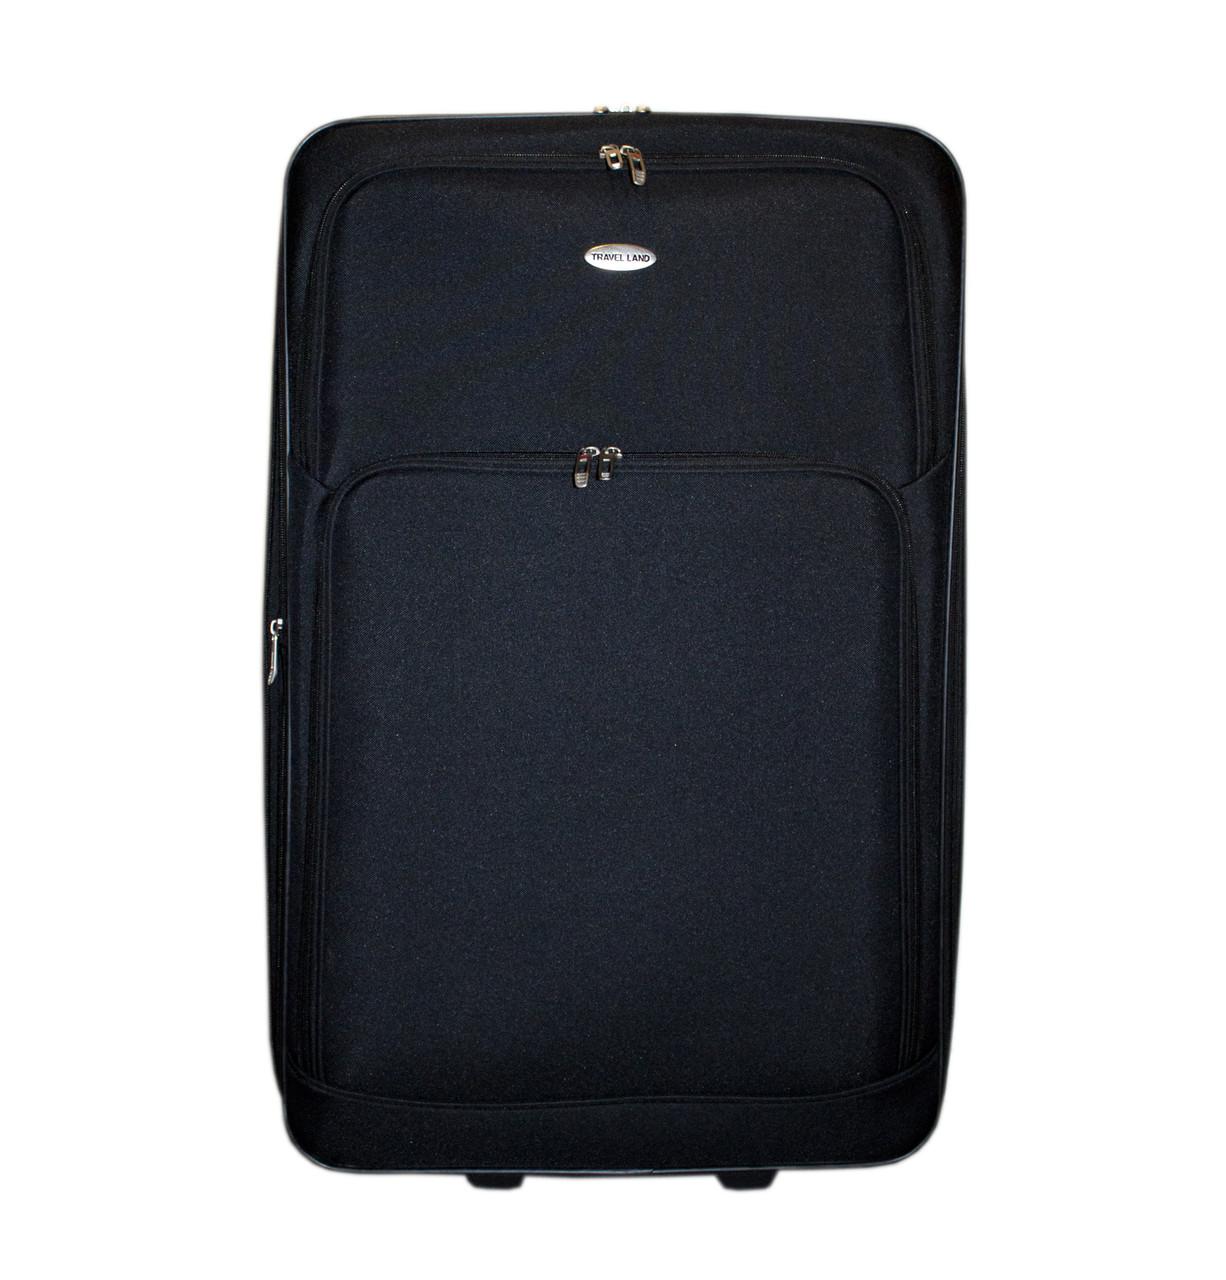 Дорожный чемодан 2 колеса (большой) чёрный, артикул: 12126-50